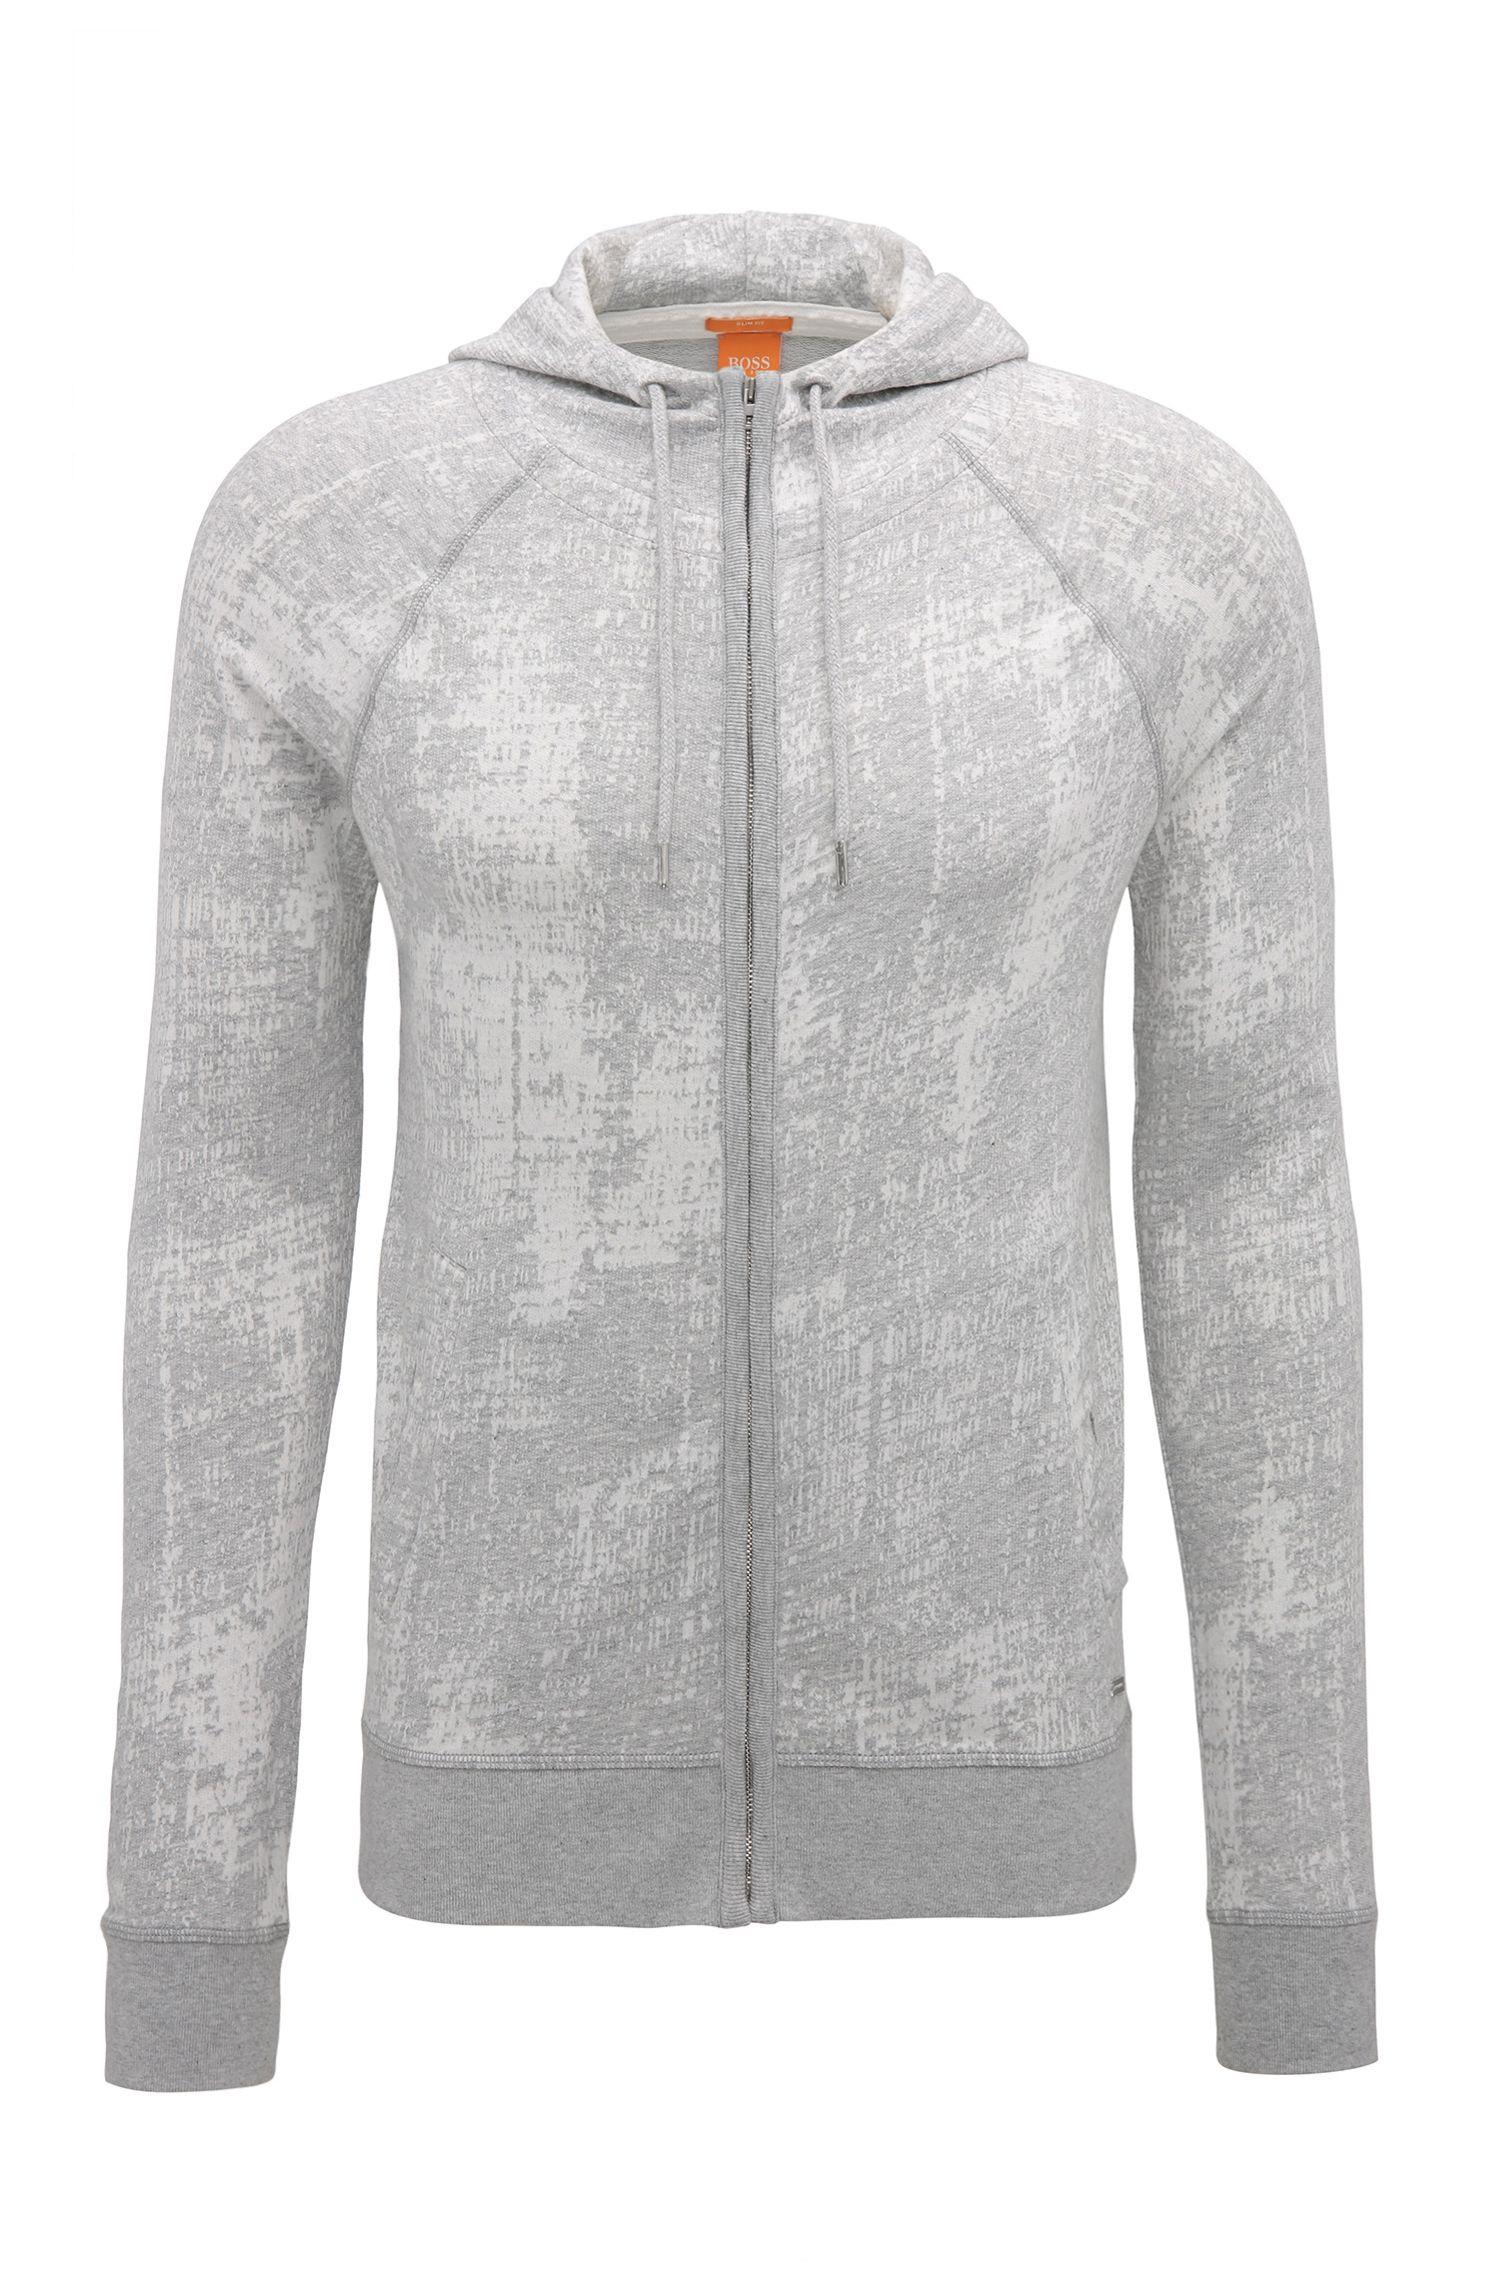 Slim-Fit Baumwoll-Jacke mit Reißverschluss